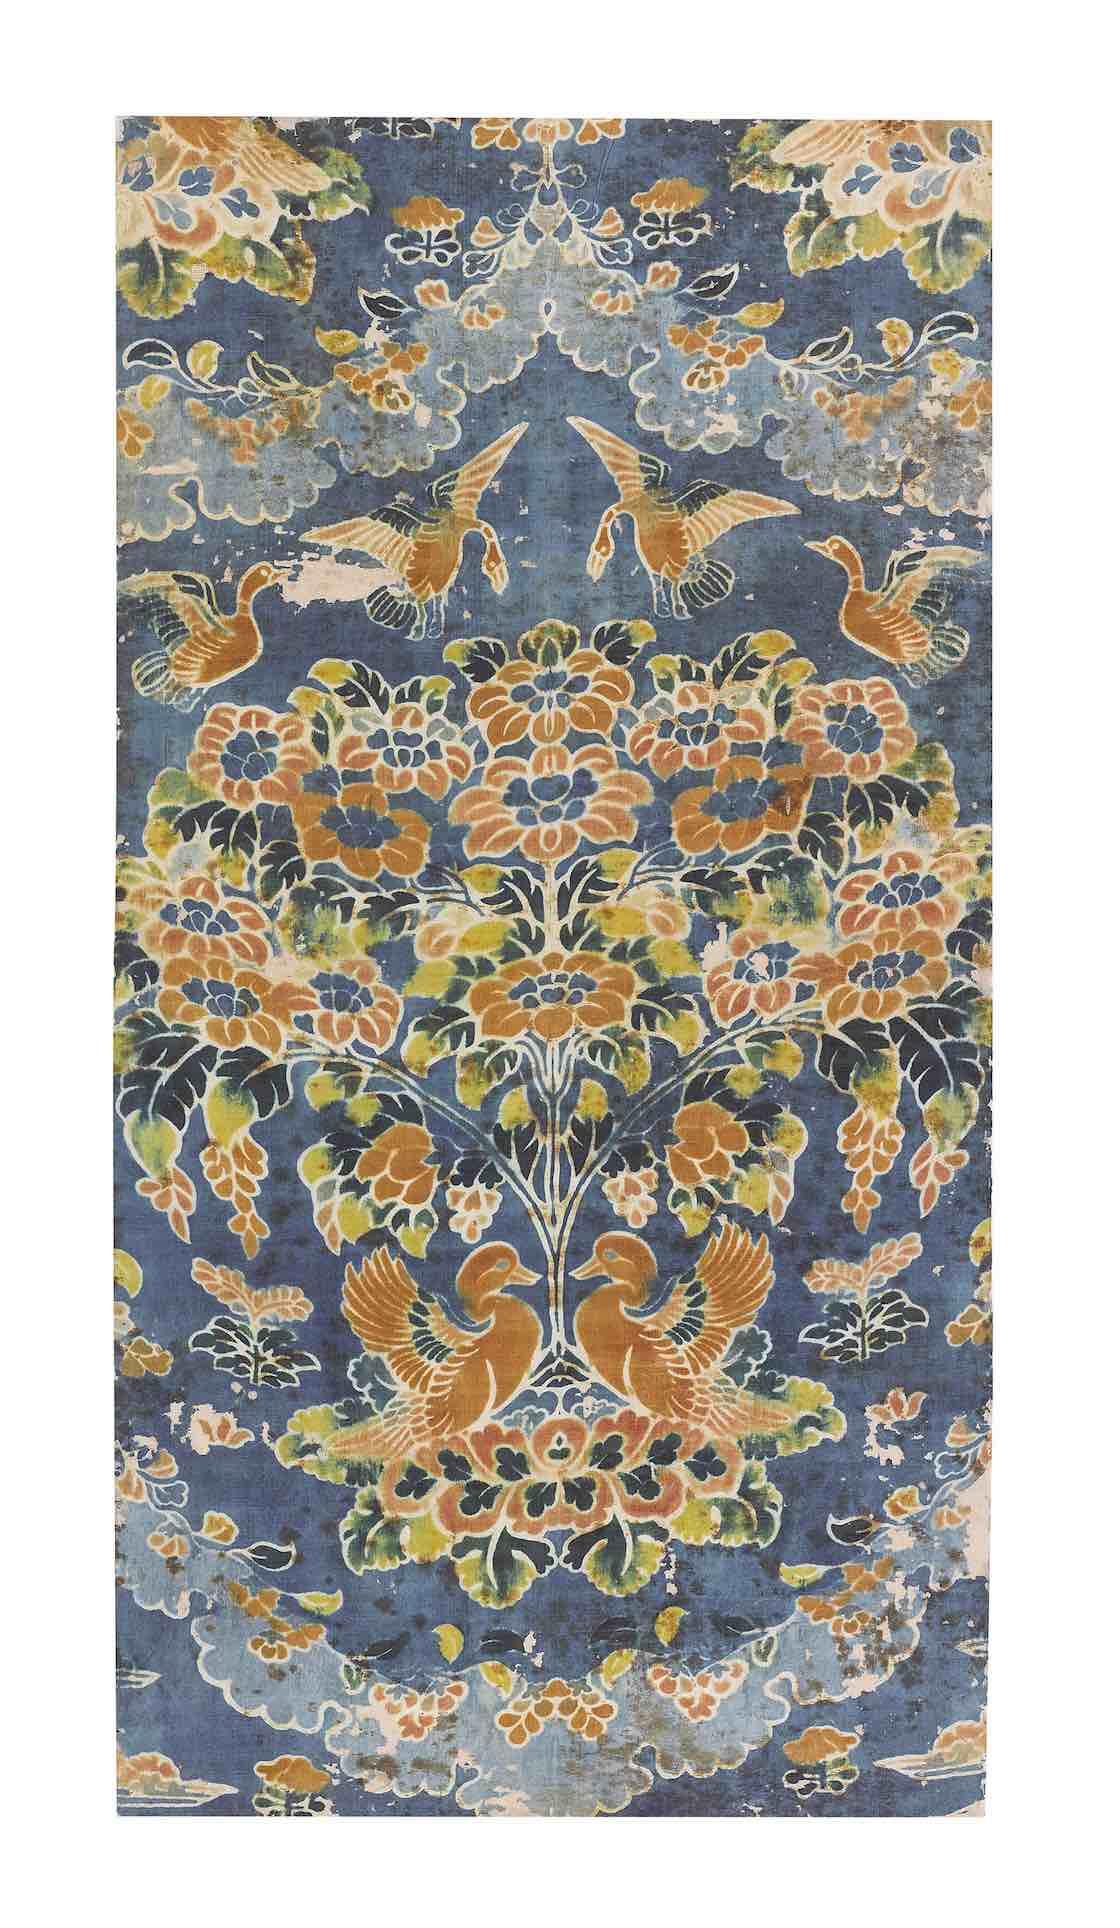 紺夾纈絁几褥 奈良時代・8世紀 正倉院宝物